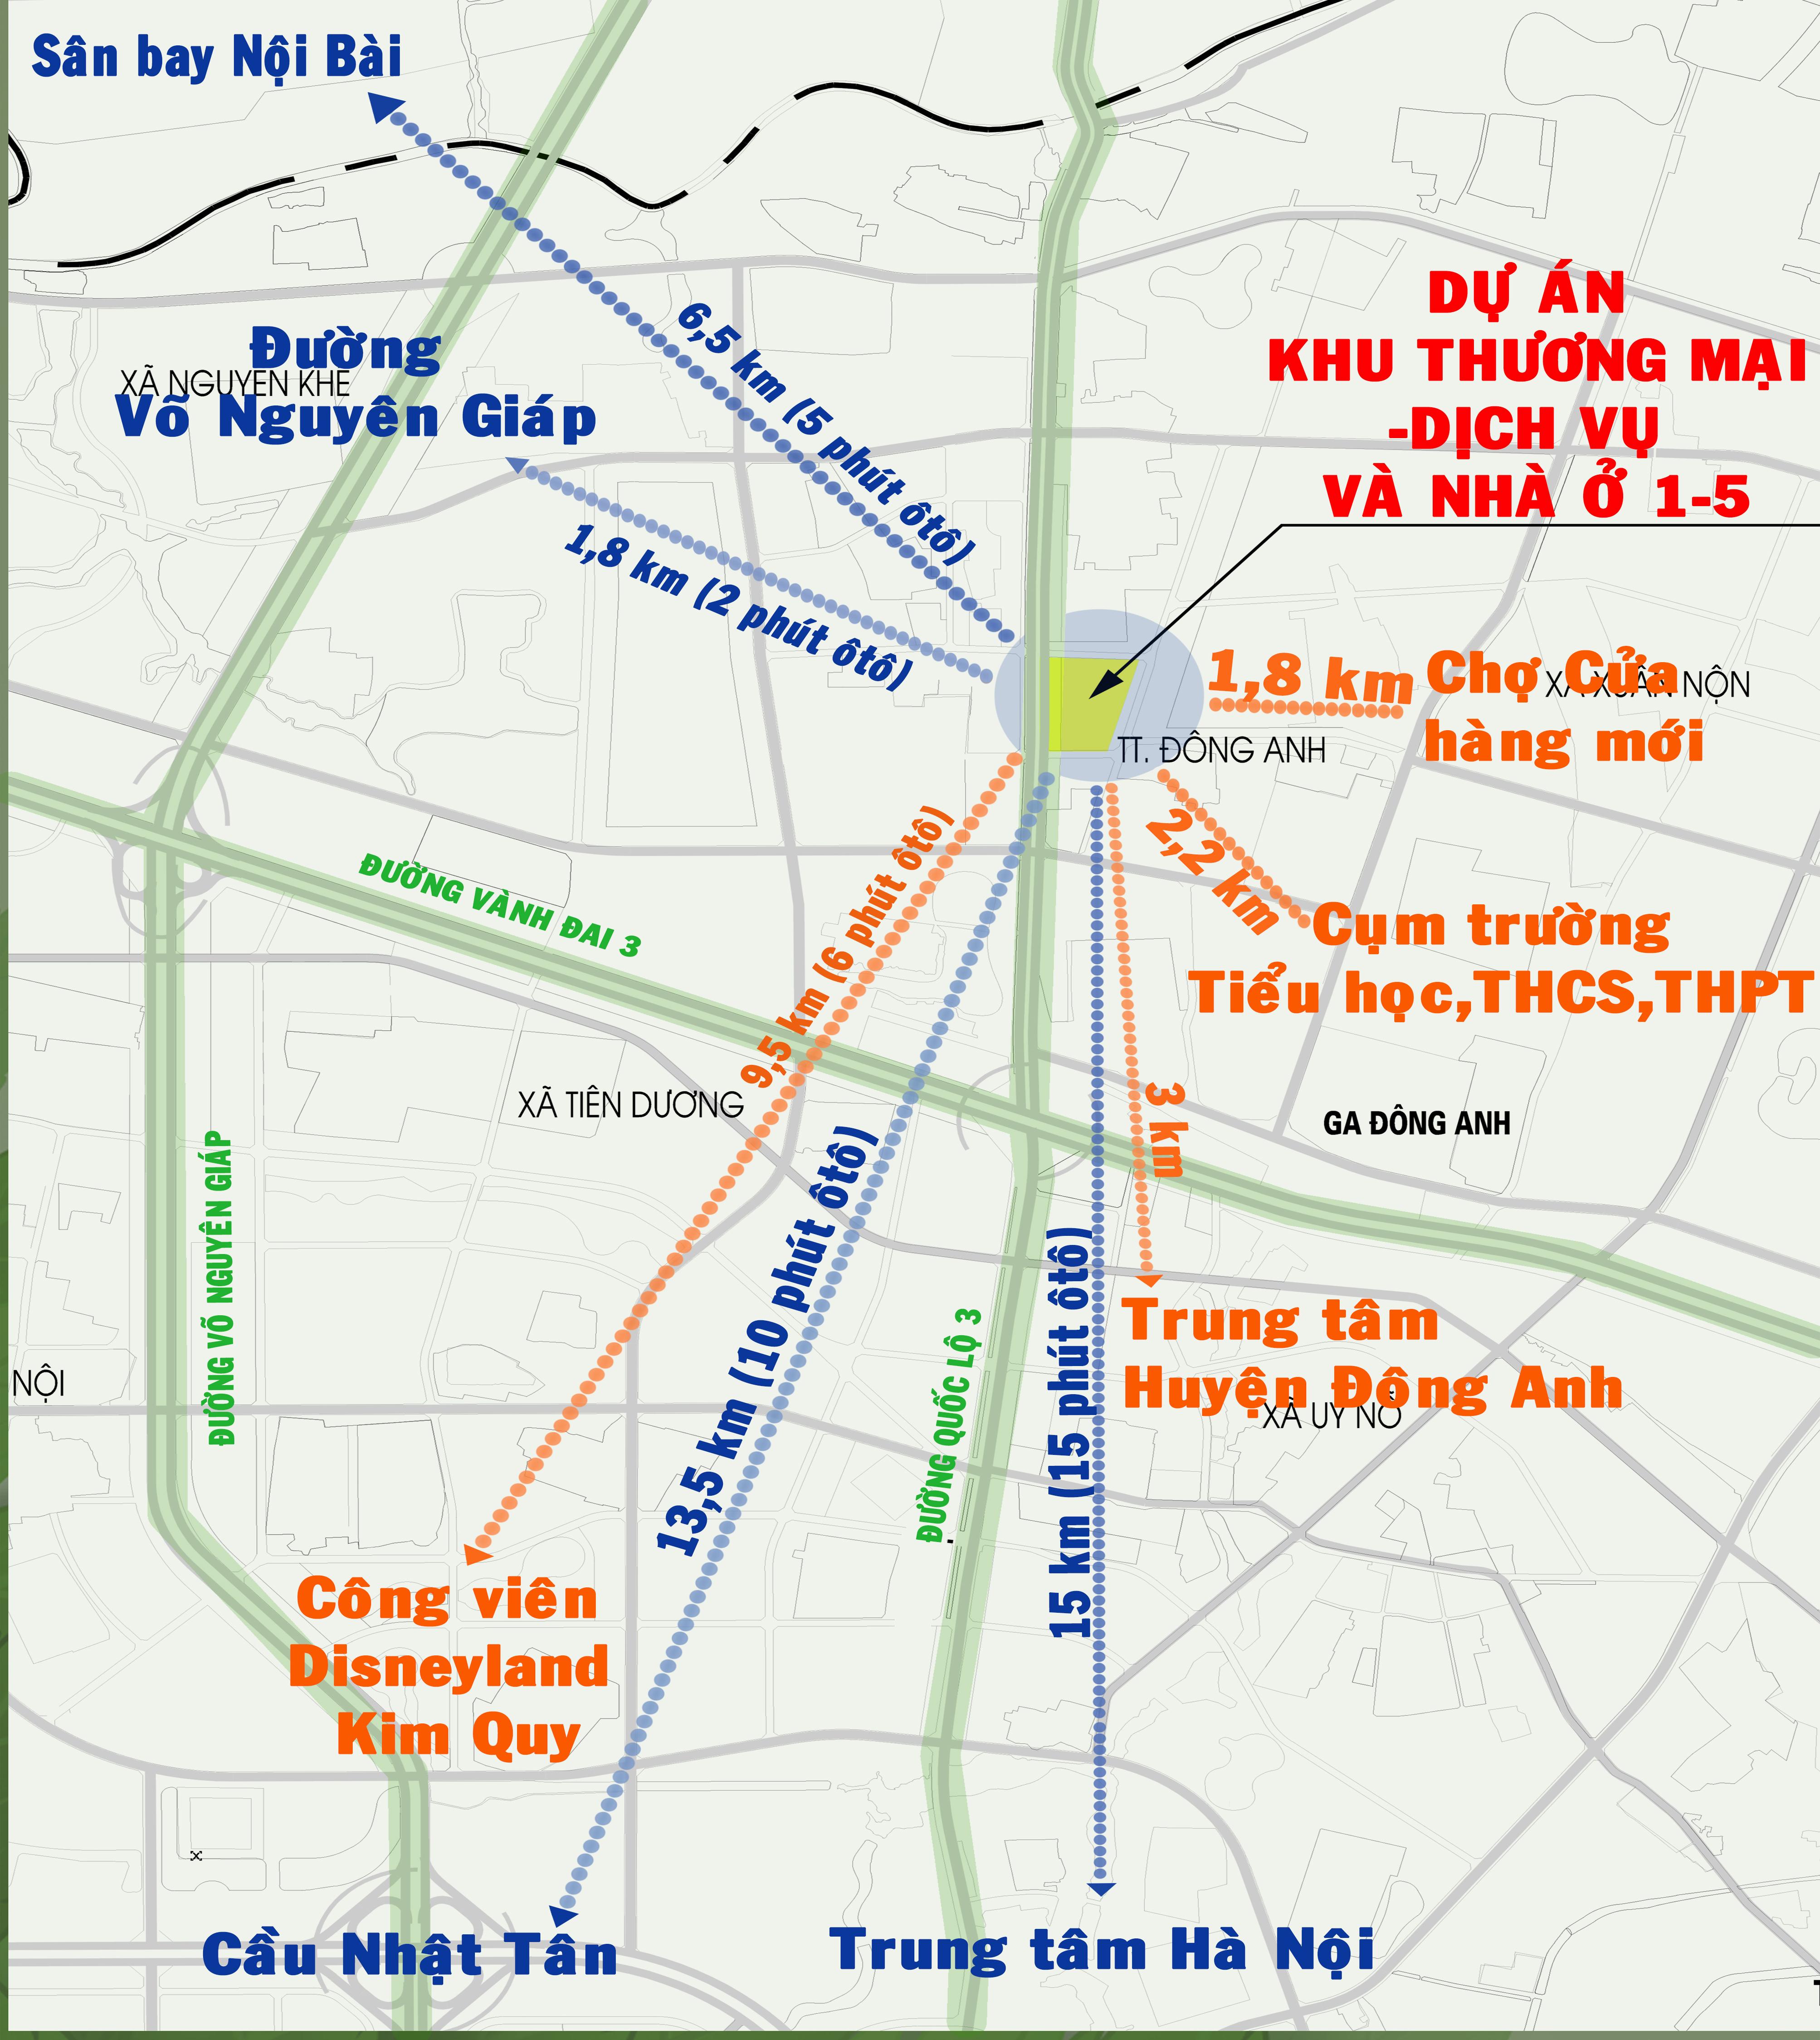 Khu thương mại, dịch vụ, nhà ở 1-5 Đông Anh - Vị trí